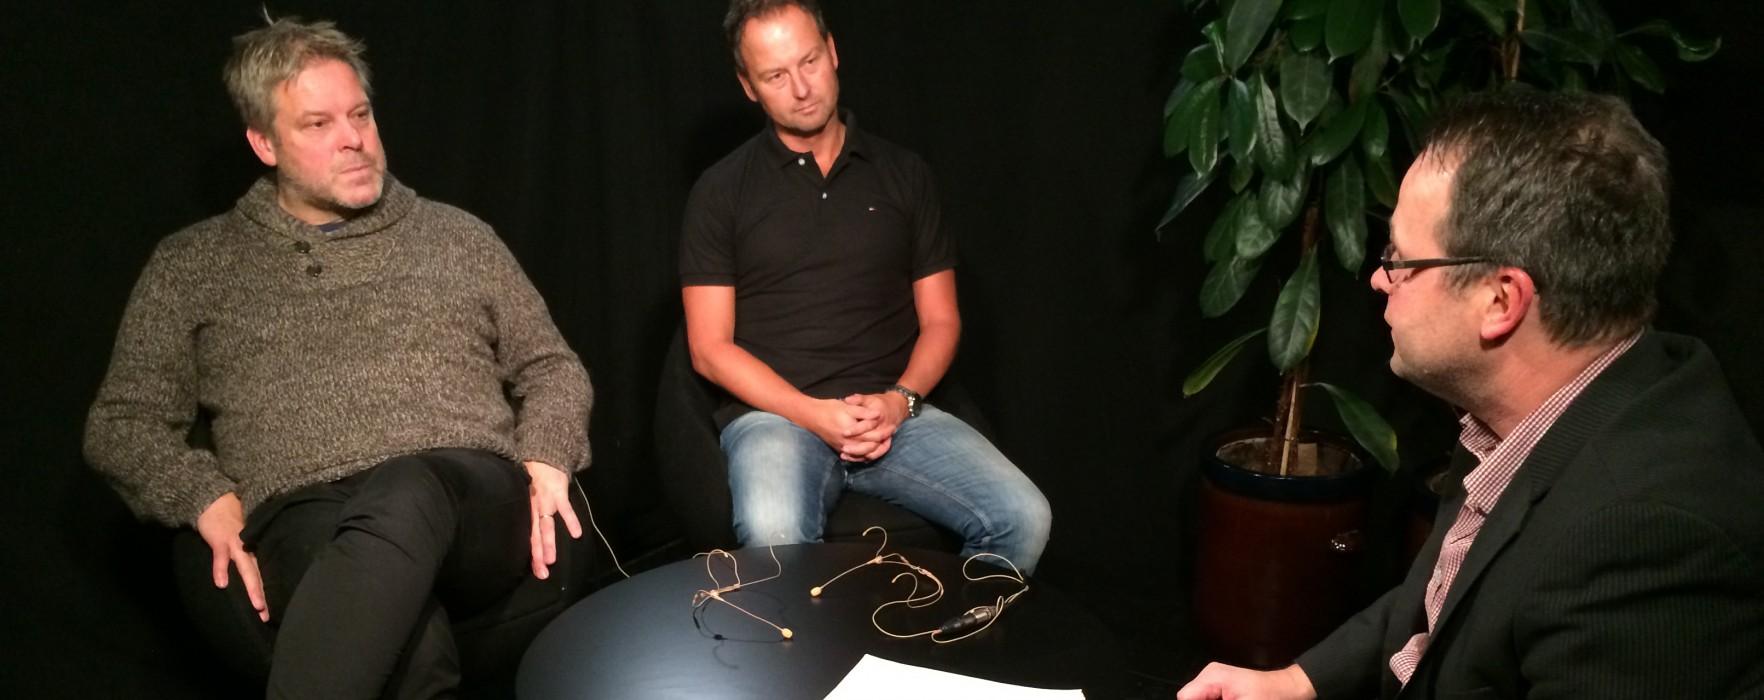 Glimt Sport – Thomas Fröberg och Jonas Rehnberg